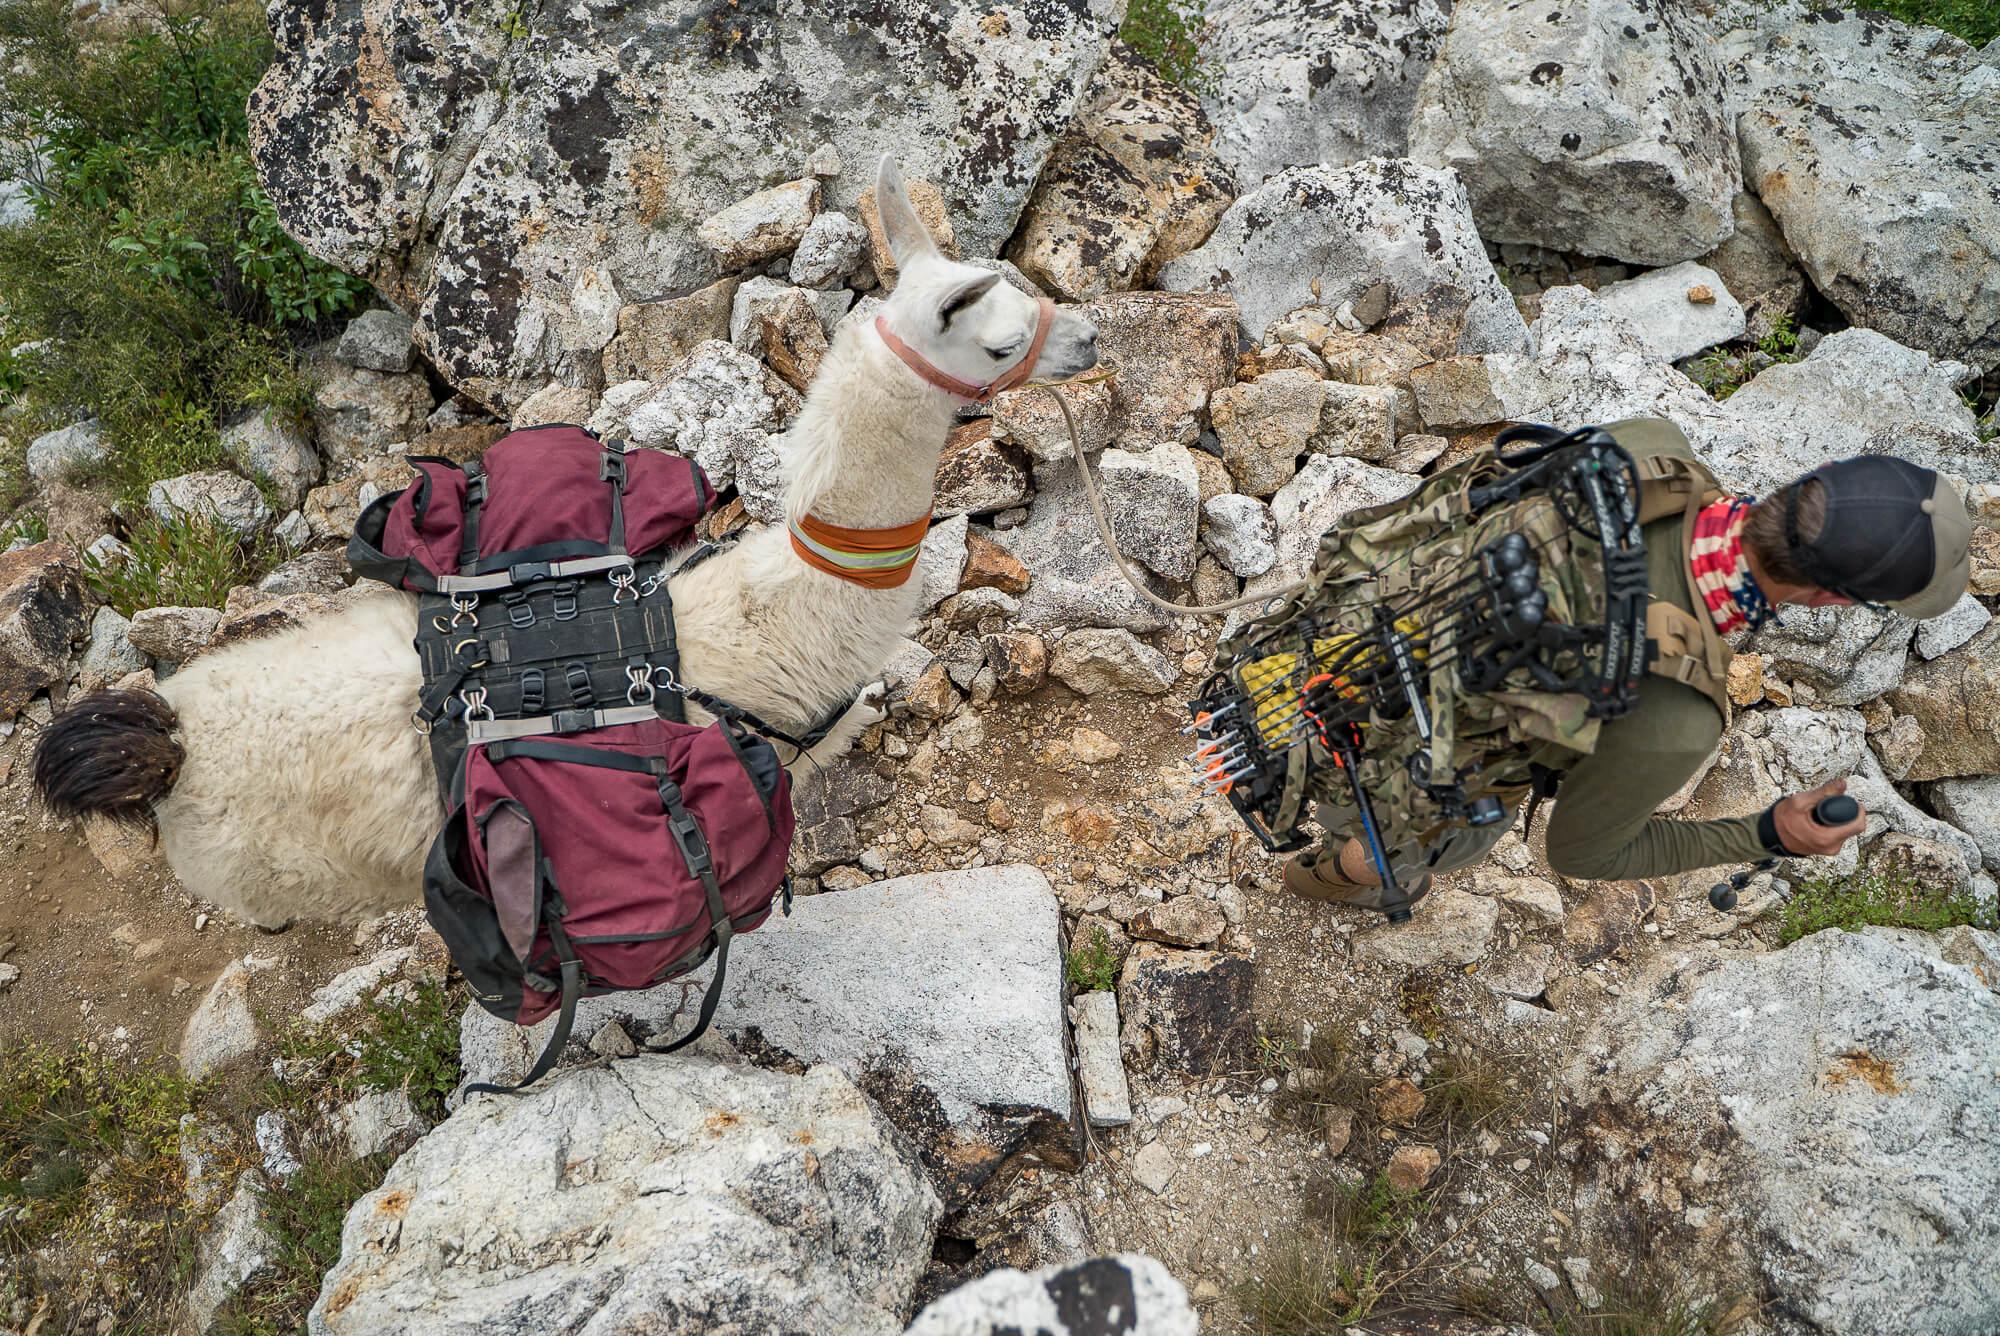 pack llamas bowhunting bow hunting ruby mountains nevada